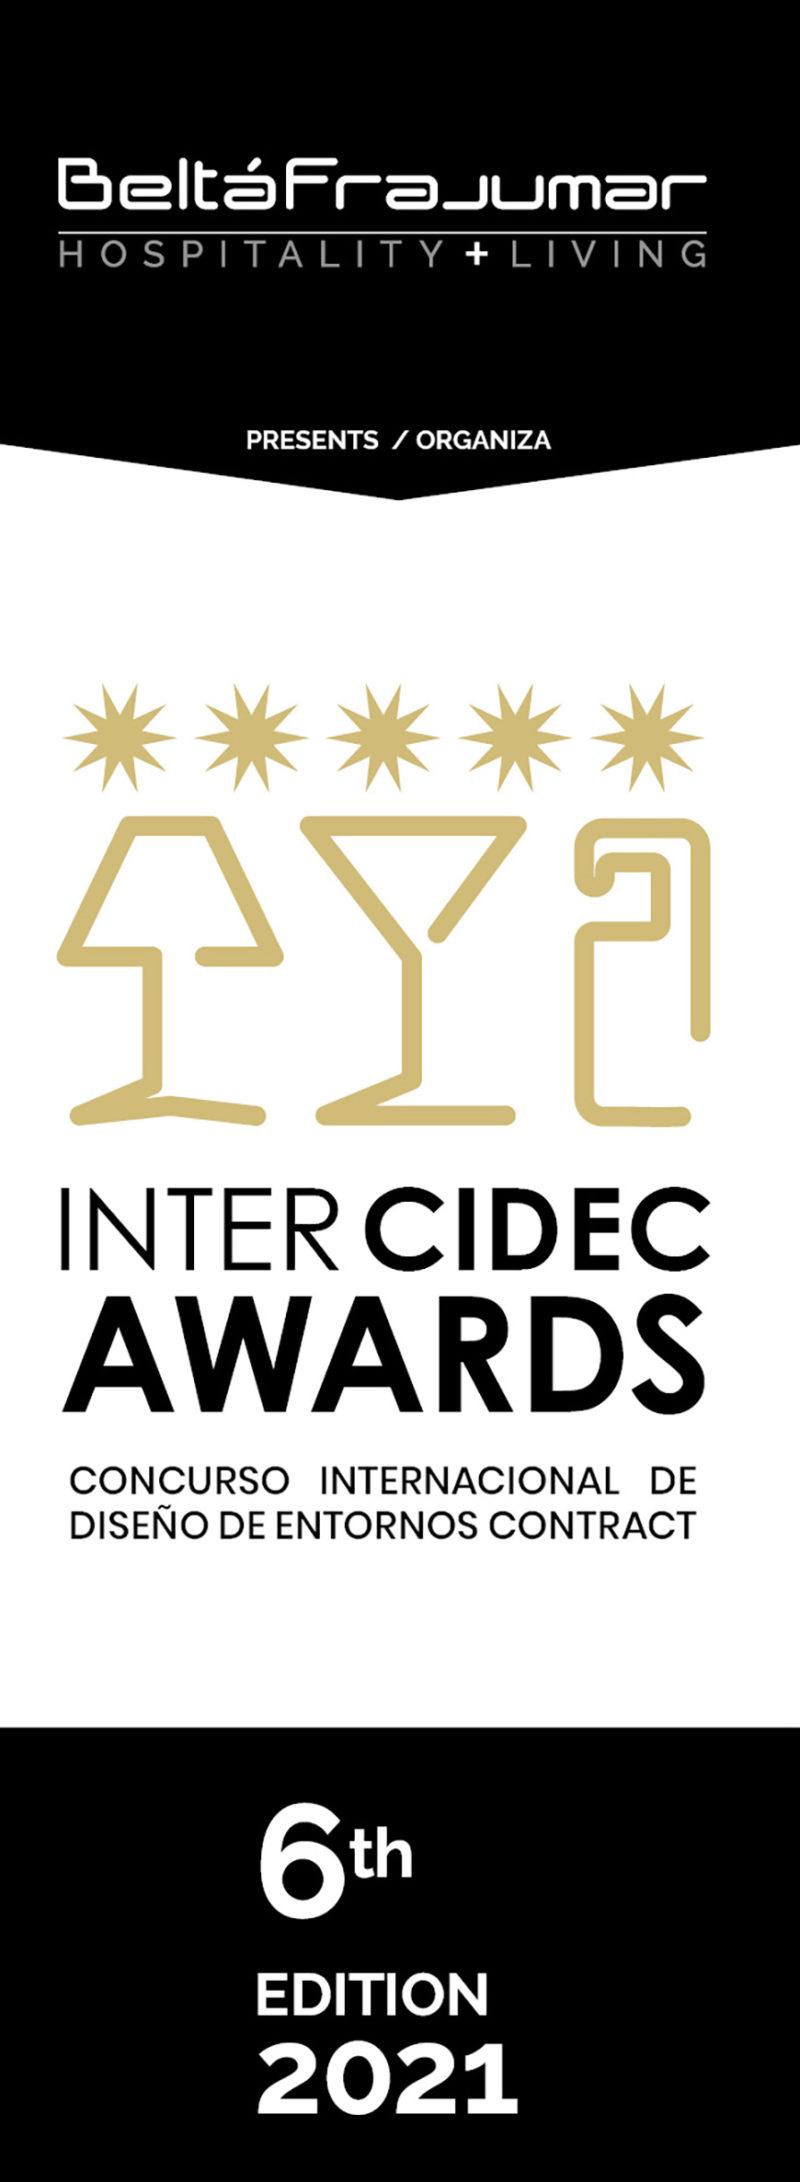 Comienza la sexta edición de los Premios de Diseño de Interior Contract de Beltá Frajumar